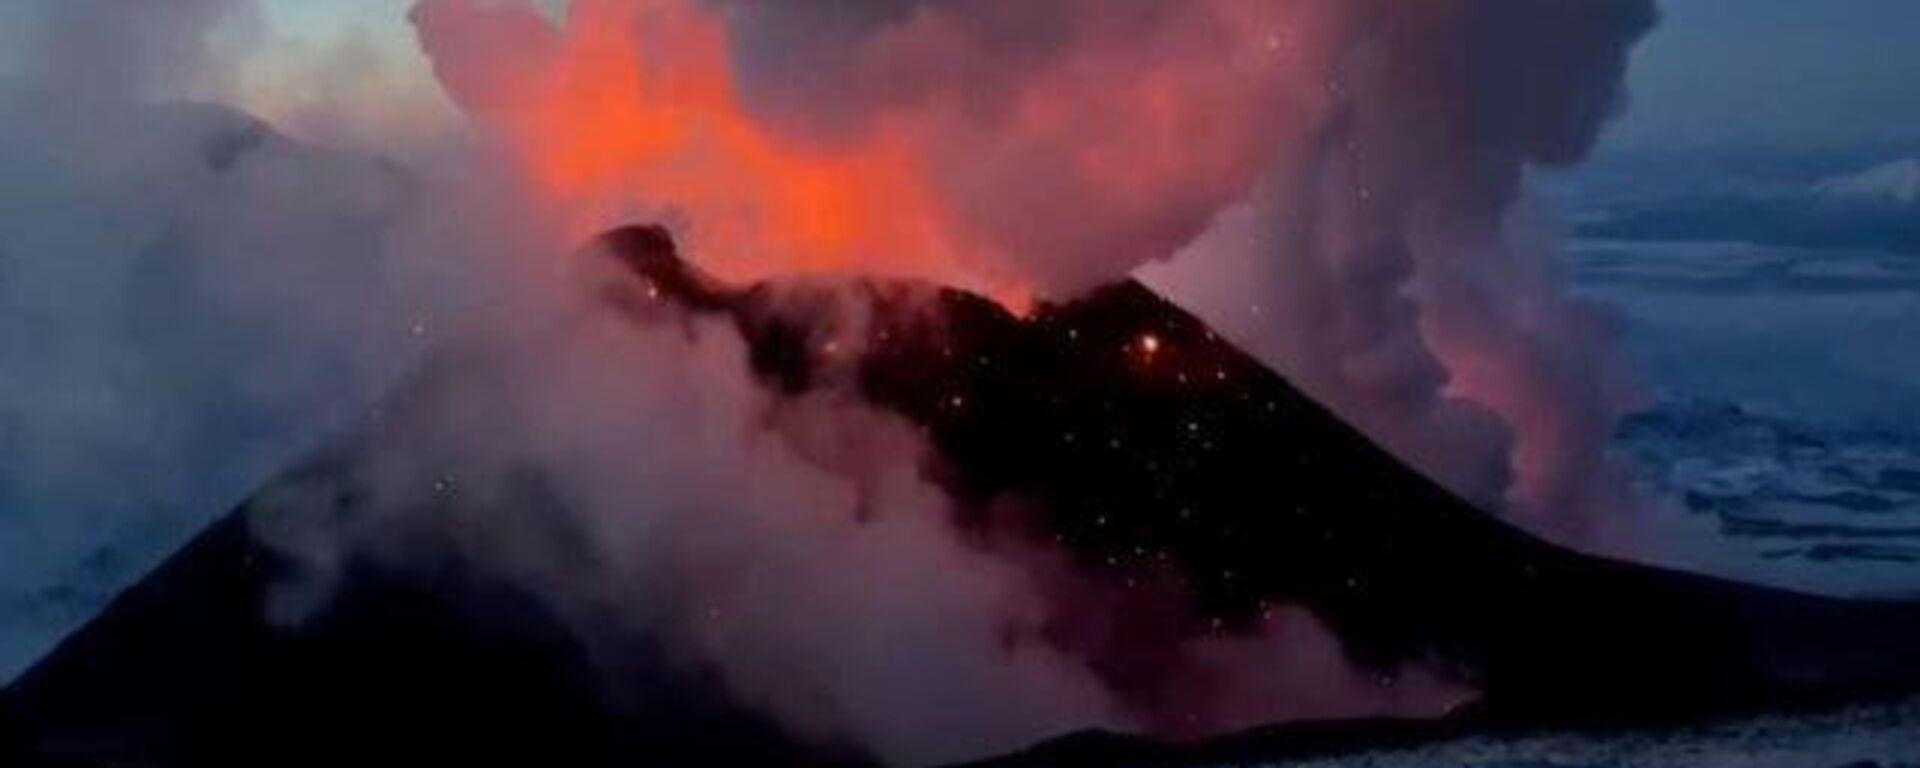 El volcán más alto de Rusia entra en una impresionante erupción - Sputnik Mundo, 1920, 10.03.2021